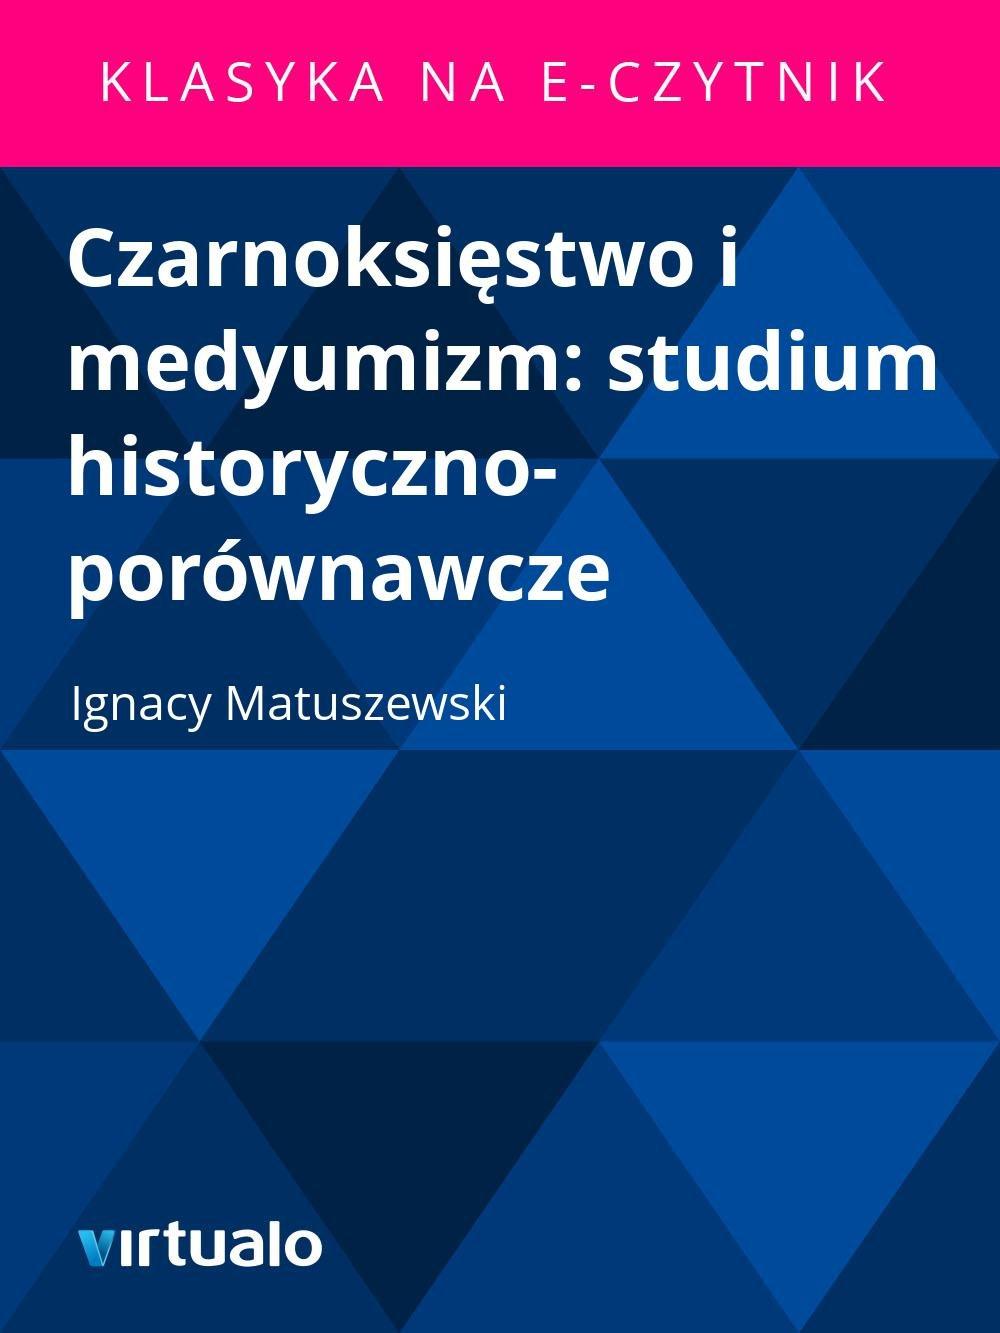 Czarnoksięstwo i medyumizm: studium historyczno-porównawcze - Ebook (Książka EPUB) do pobrania w formacie EPUB